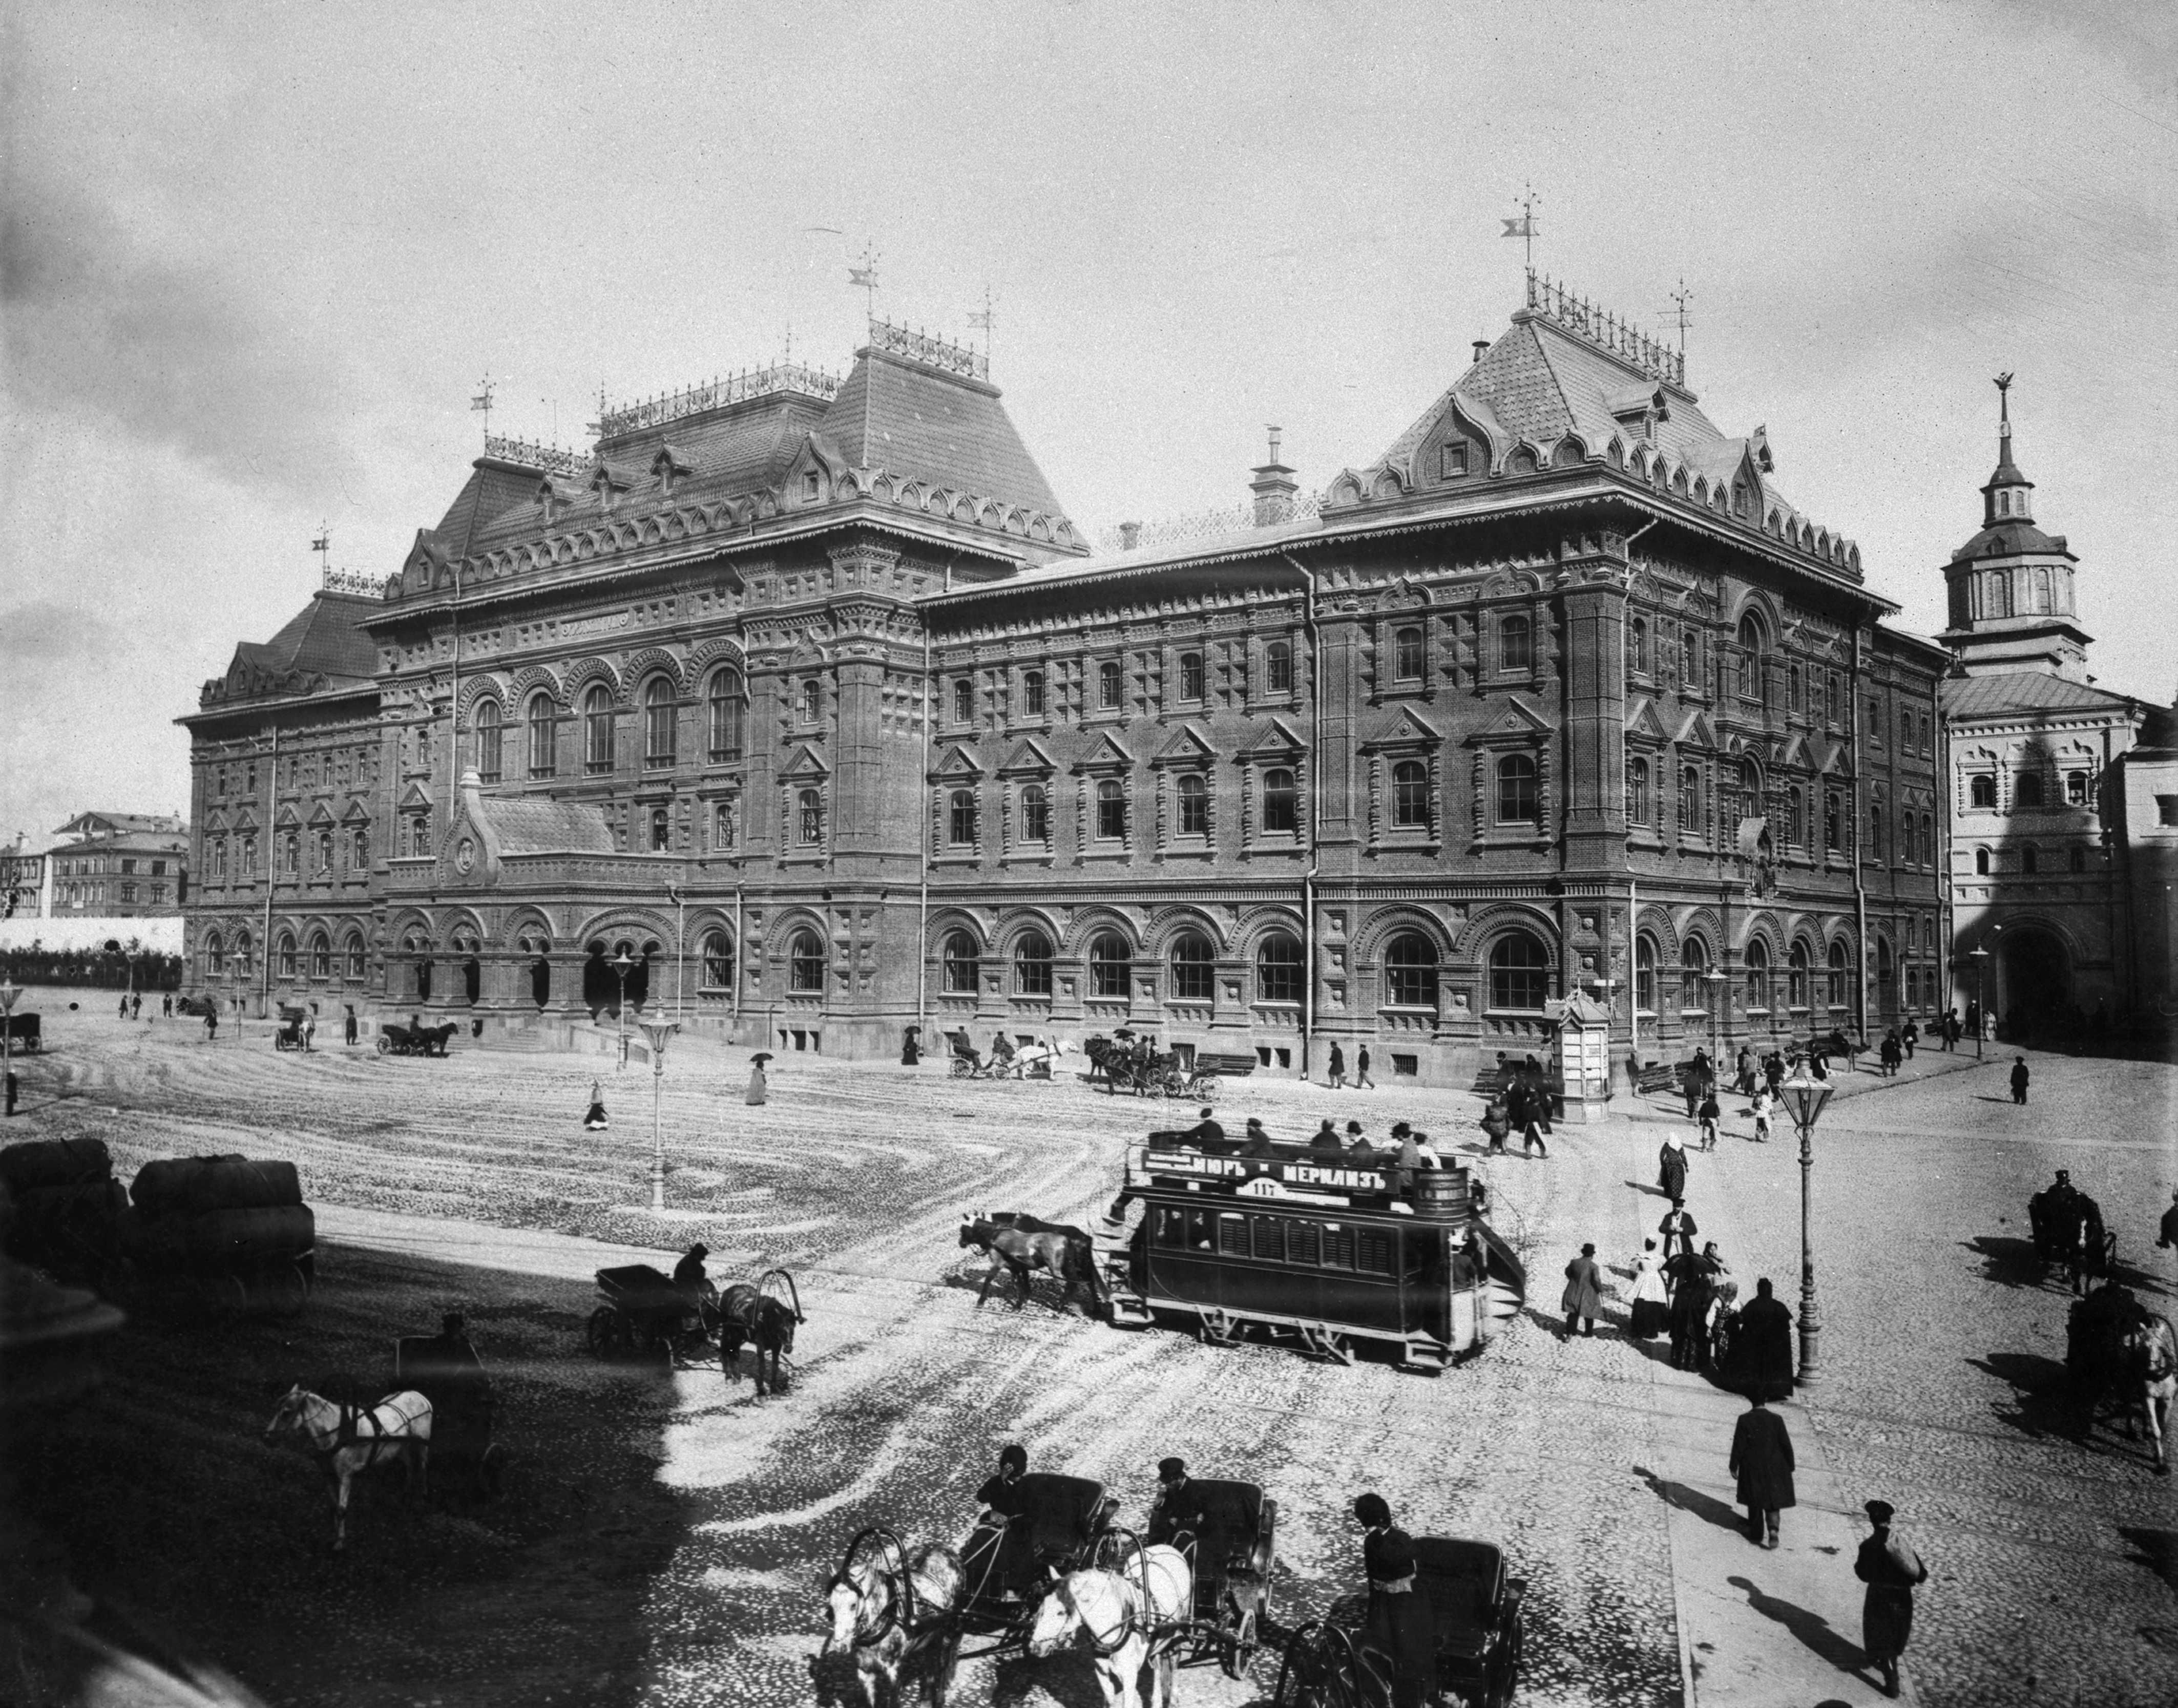 П.П. Павлов. Москва. Вид на здание Городской думы на Воскресенской площади. 1893–1904 гг.